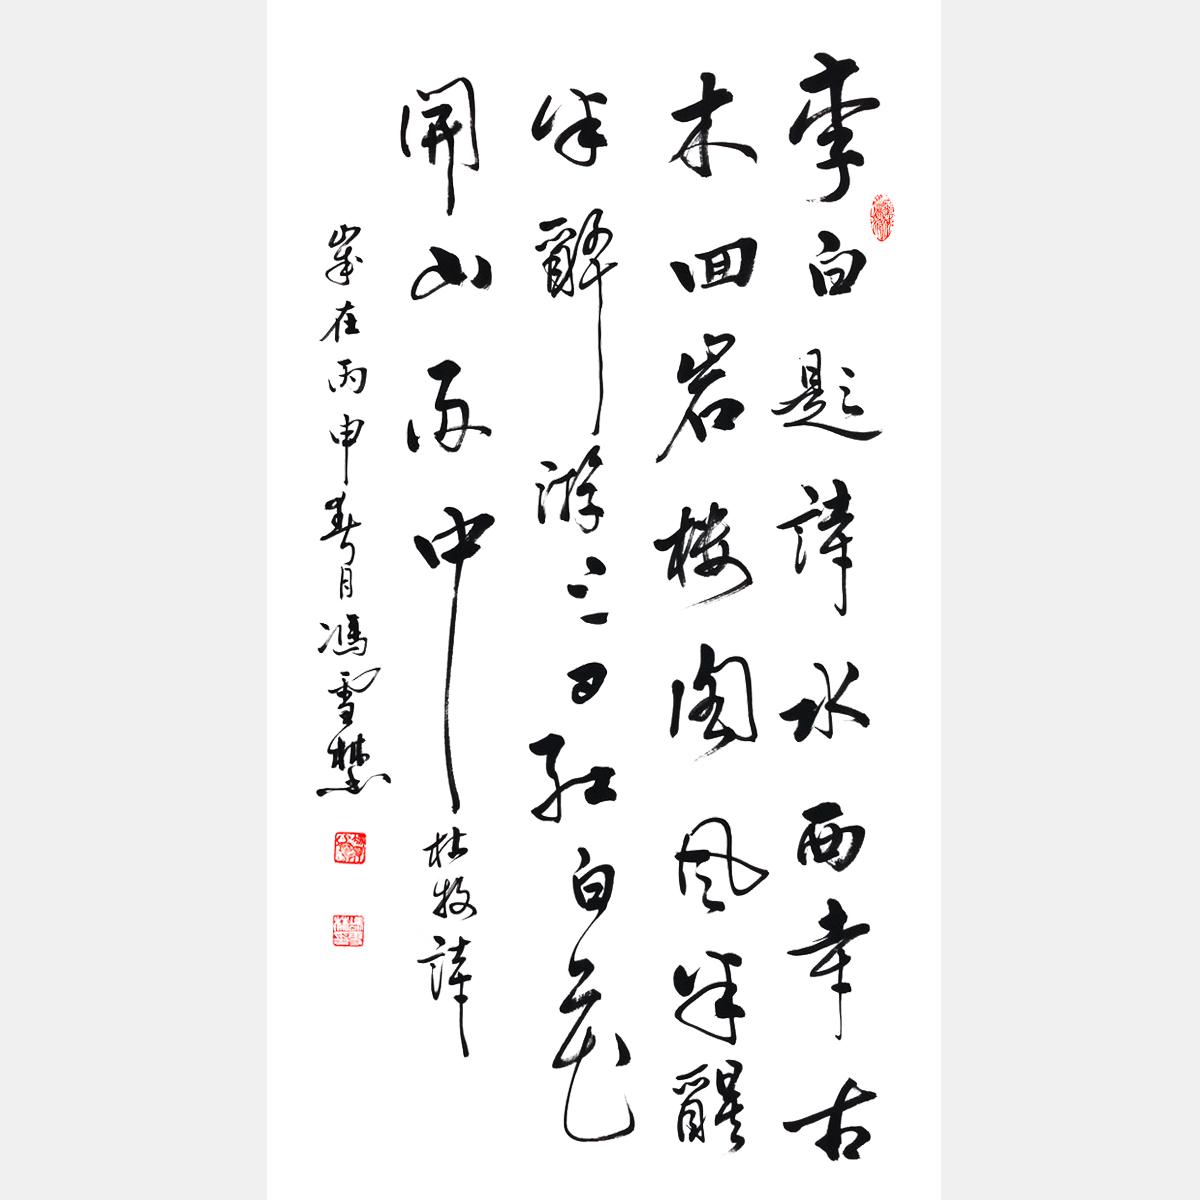 冯雪林行书作品鉴赏 杜牧《念昔游三首·其三》